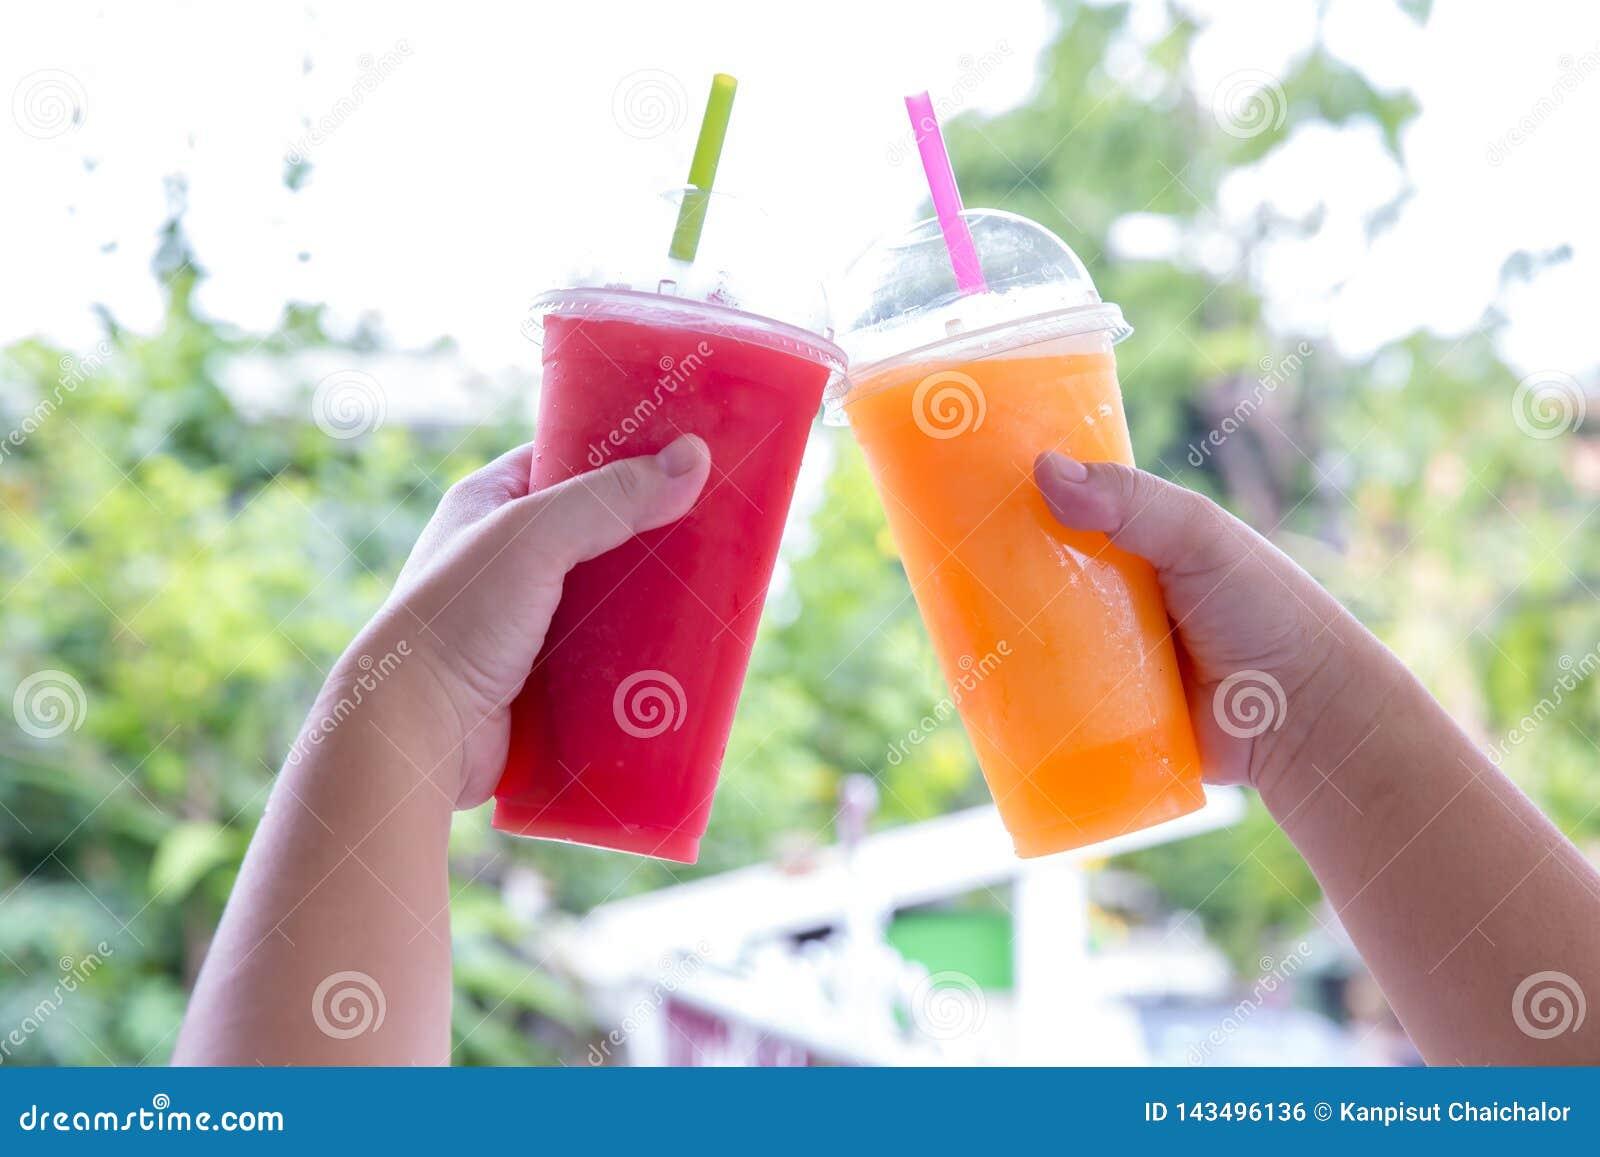 Smoothie de la fruta Mano que sostiene la taza pl?stica de smoothie colorido de la fruta en el caf? lindo Mano que sostiene la ta